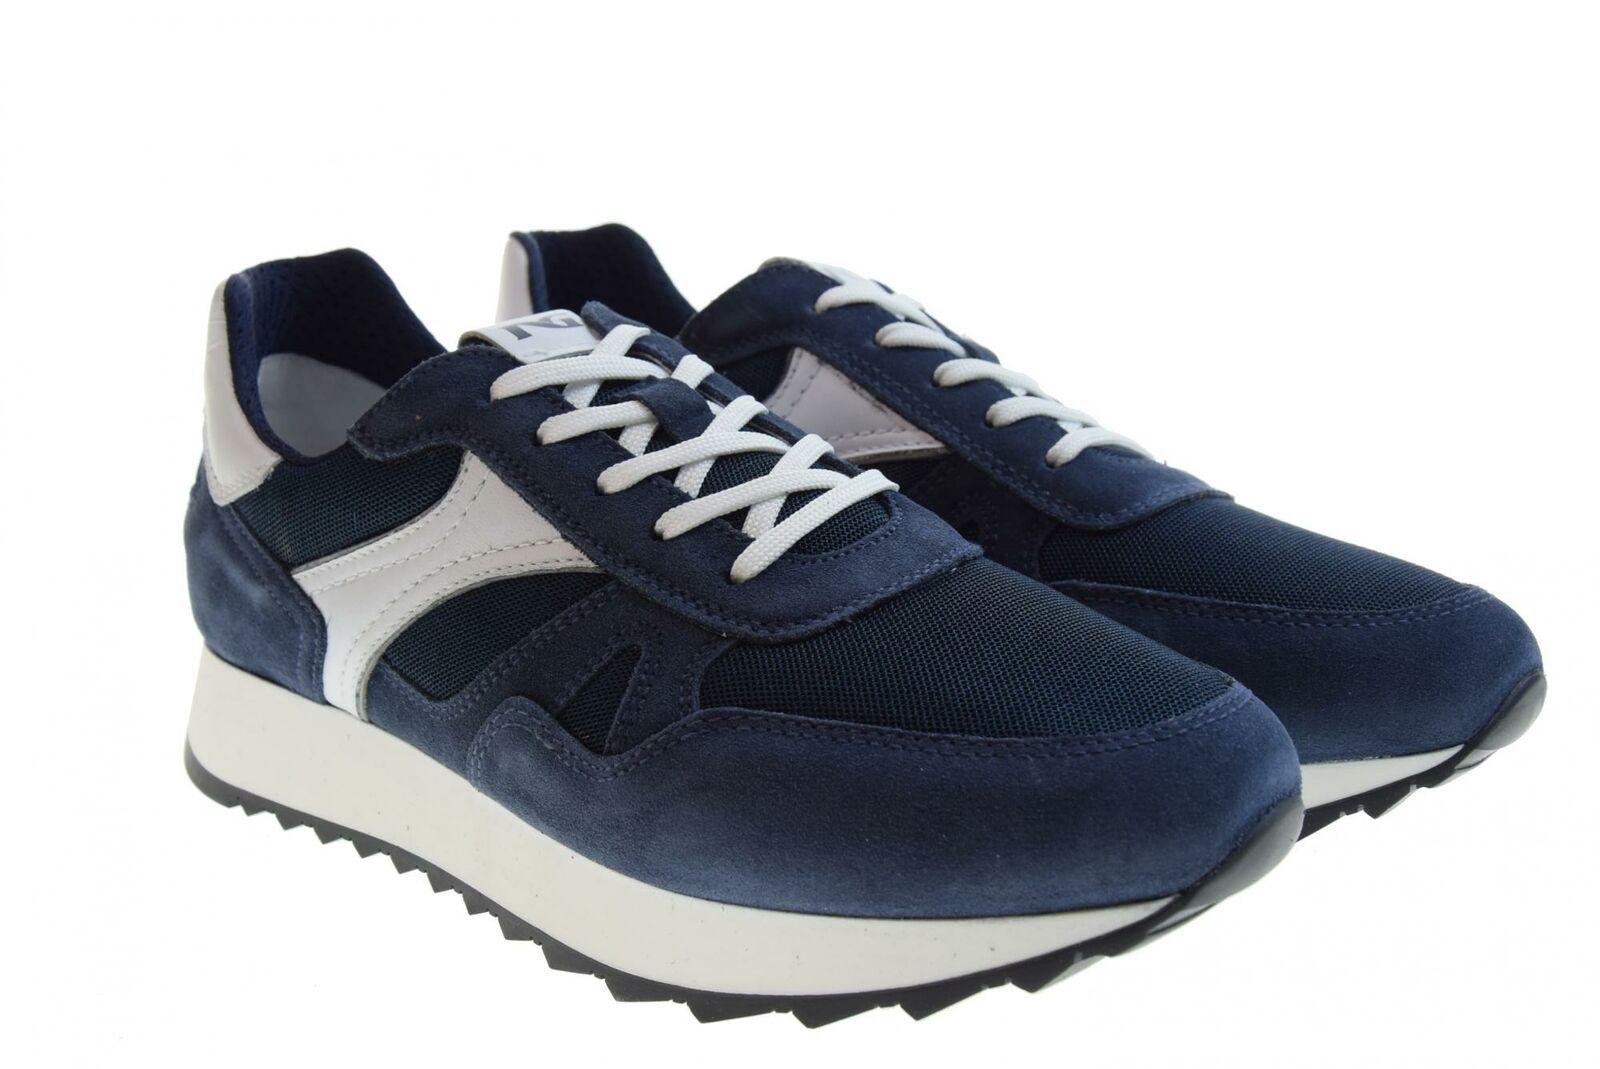 noir Giardini P19f chaussures pour hommes paniers basses P900940U   207